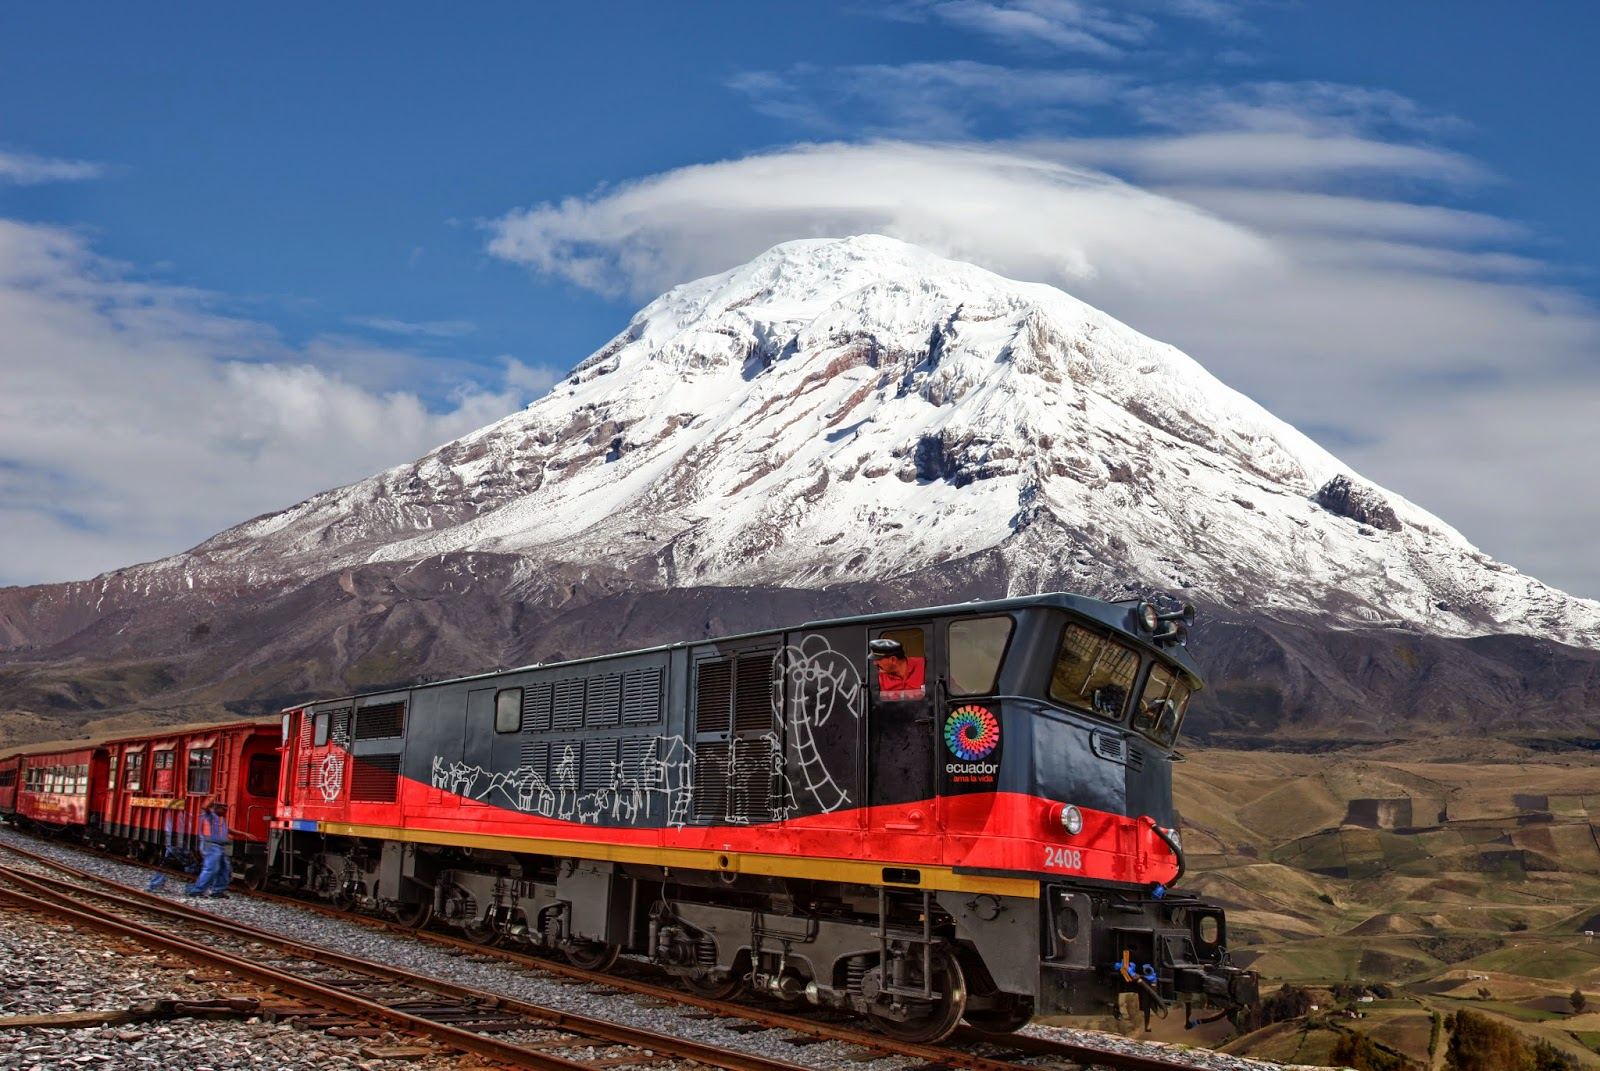 Imágenes-de-Viajes-en-Tren5